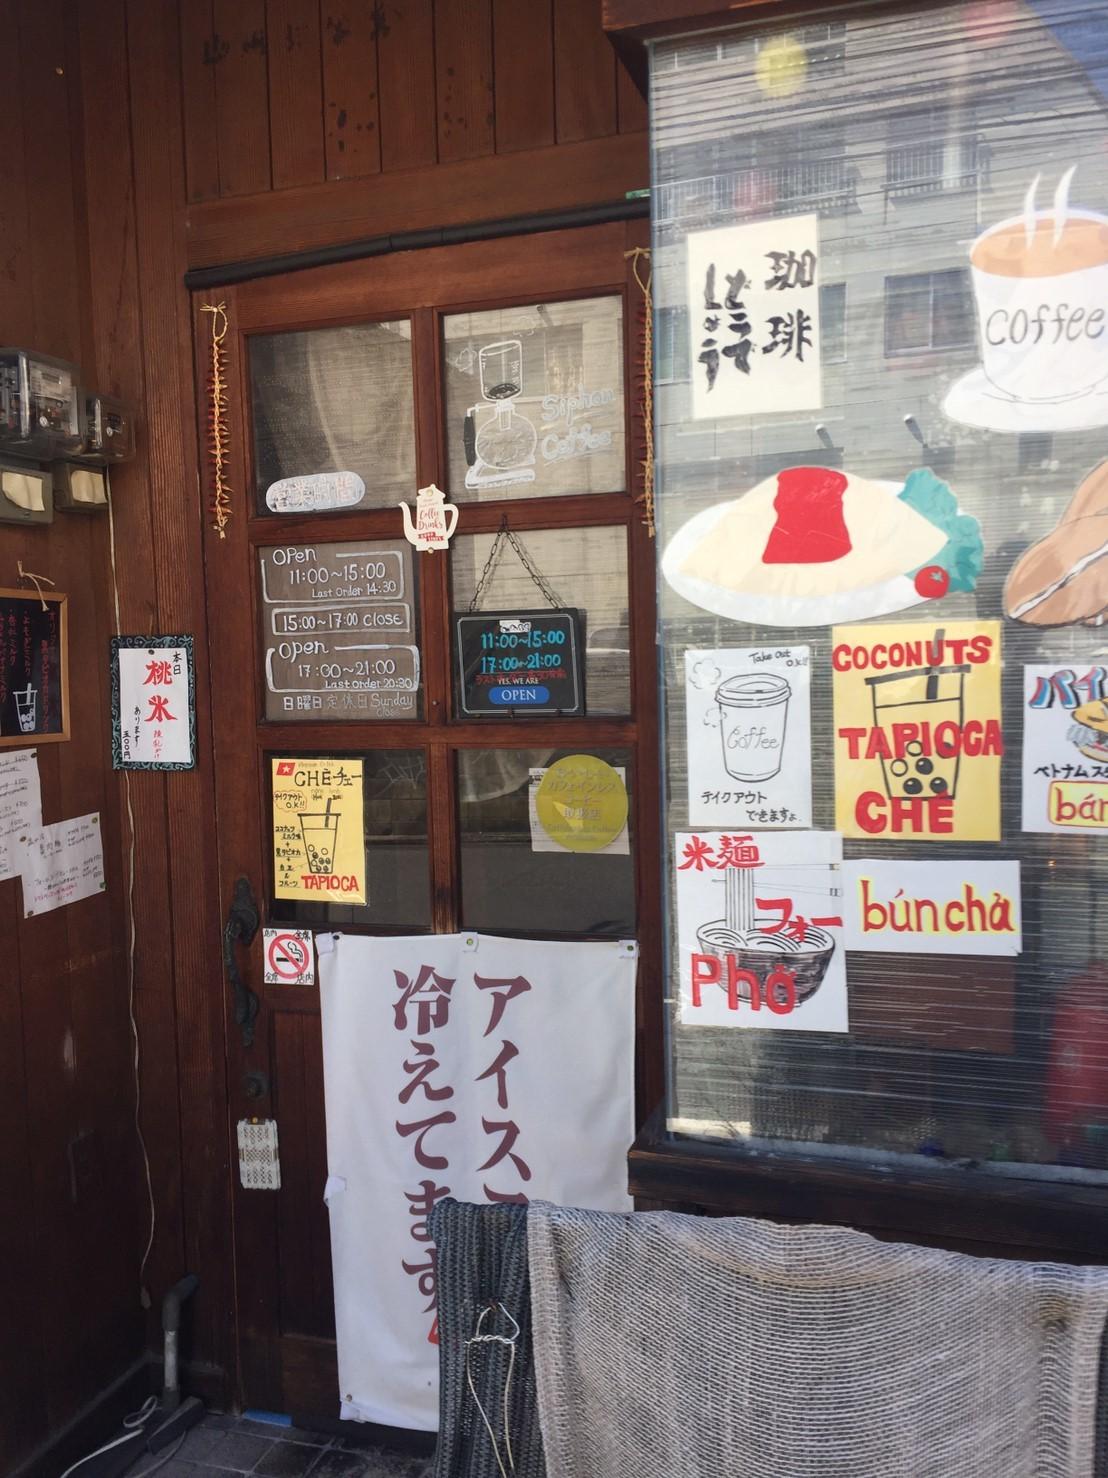 喫茶 1er ぷるみえ (ゴーヤ入りバターライスにアジアンカレーソースココナッツ入り)_e0115904_01552630.jpg